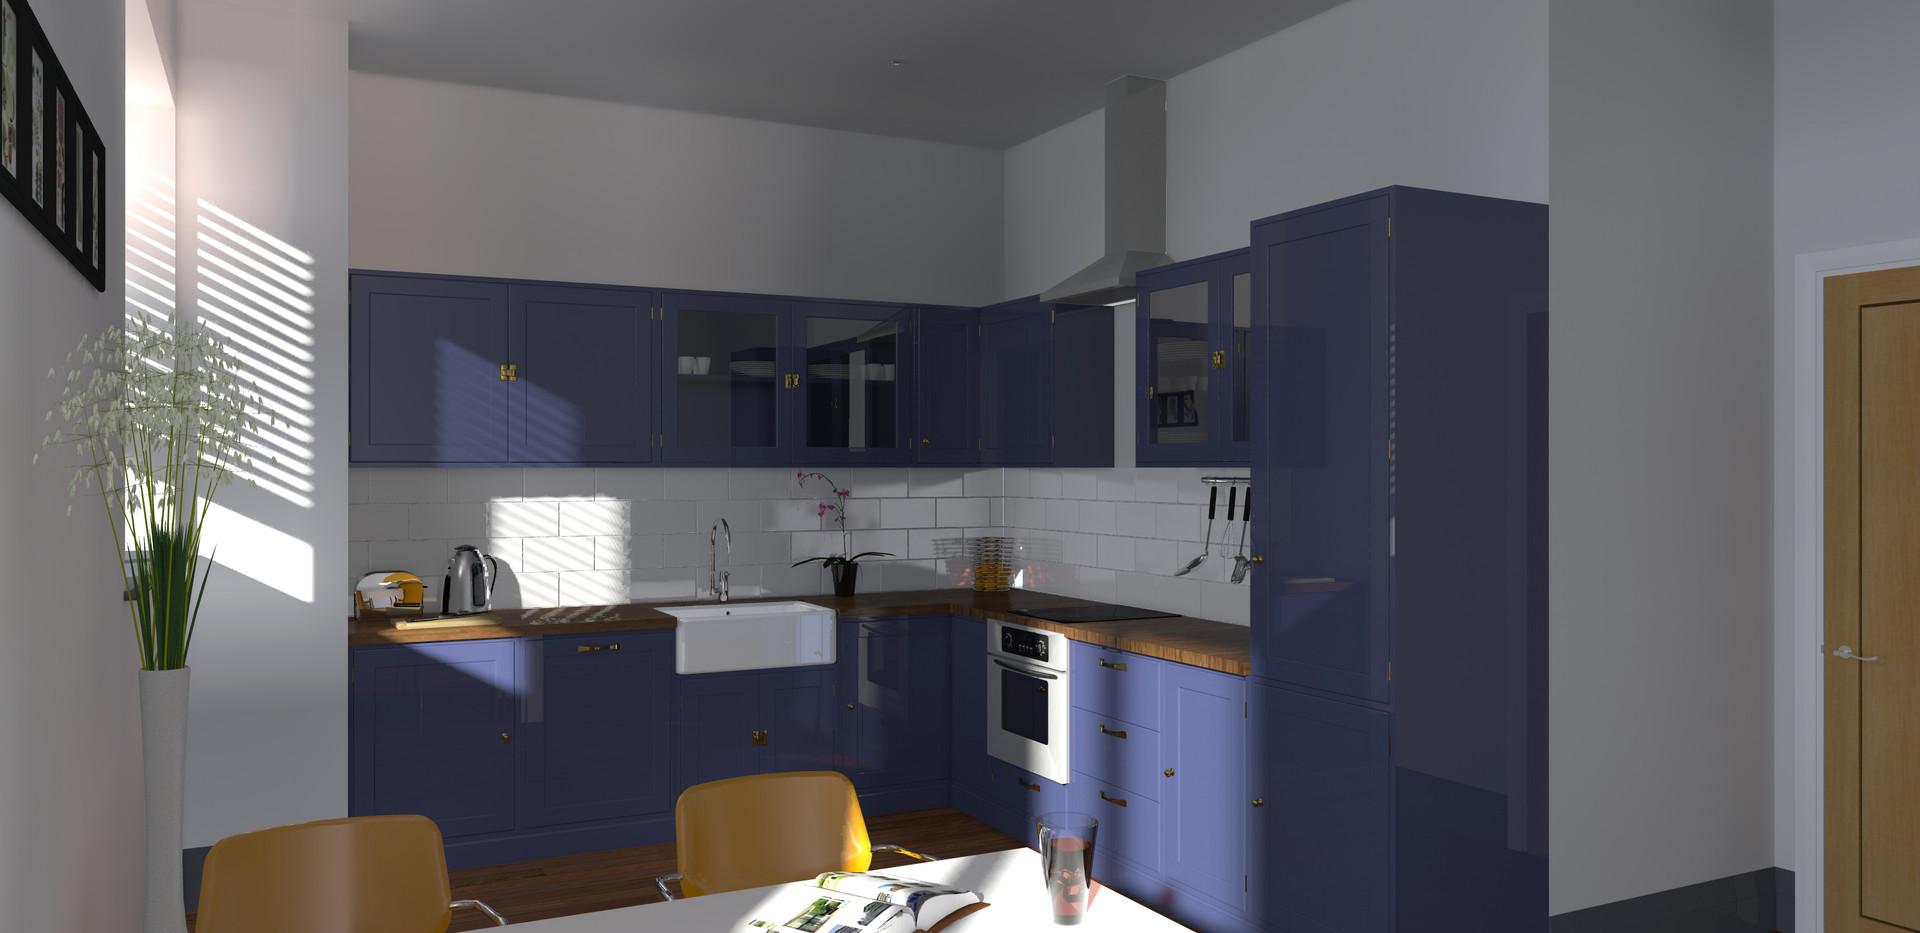 186-Kitchen 2_RevA.jpg